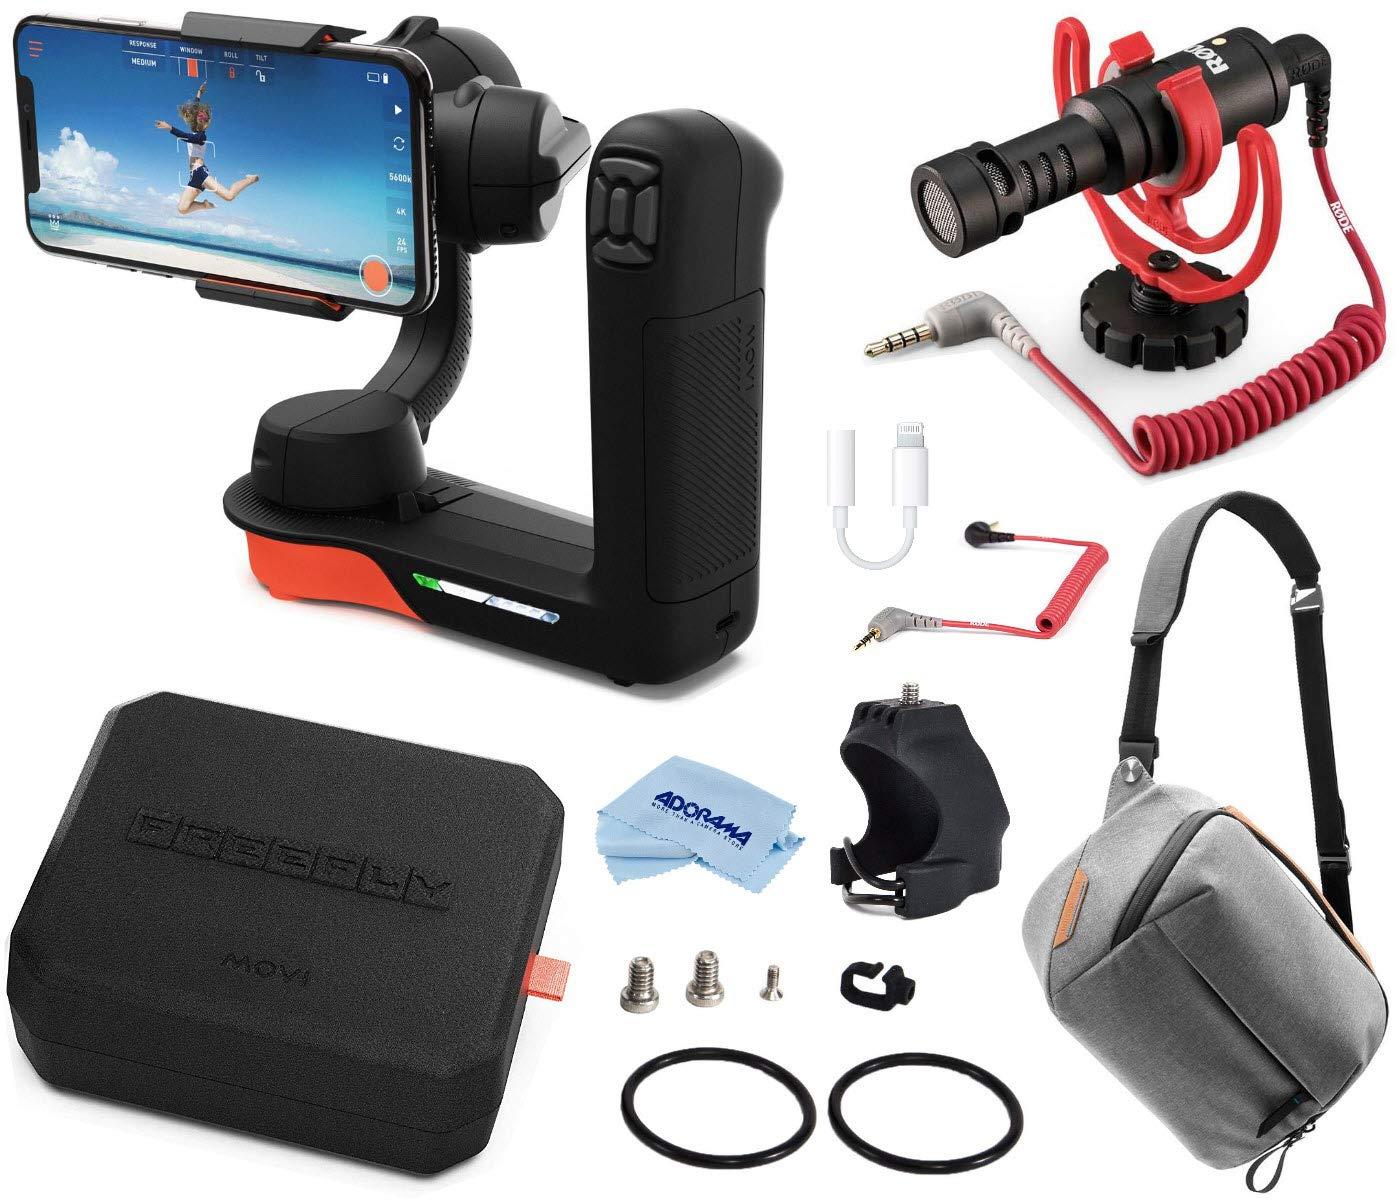 Freefly Filmmaker Kit 映画シネマ ロボット スタビライザー iPhones & スマートフォン用 自由な映画パーカ アクセサリーマウント ロードオンカメラマイク 3.5mm TRSからTRRSパッチケーブルなどに   B07MKQLK2T